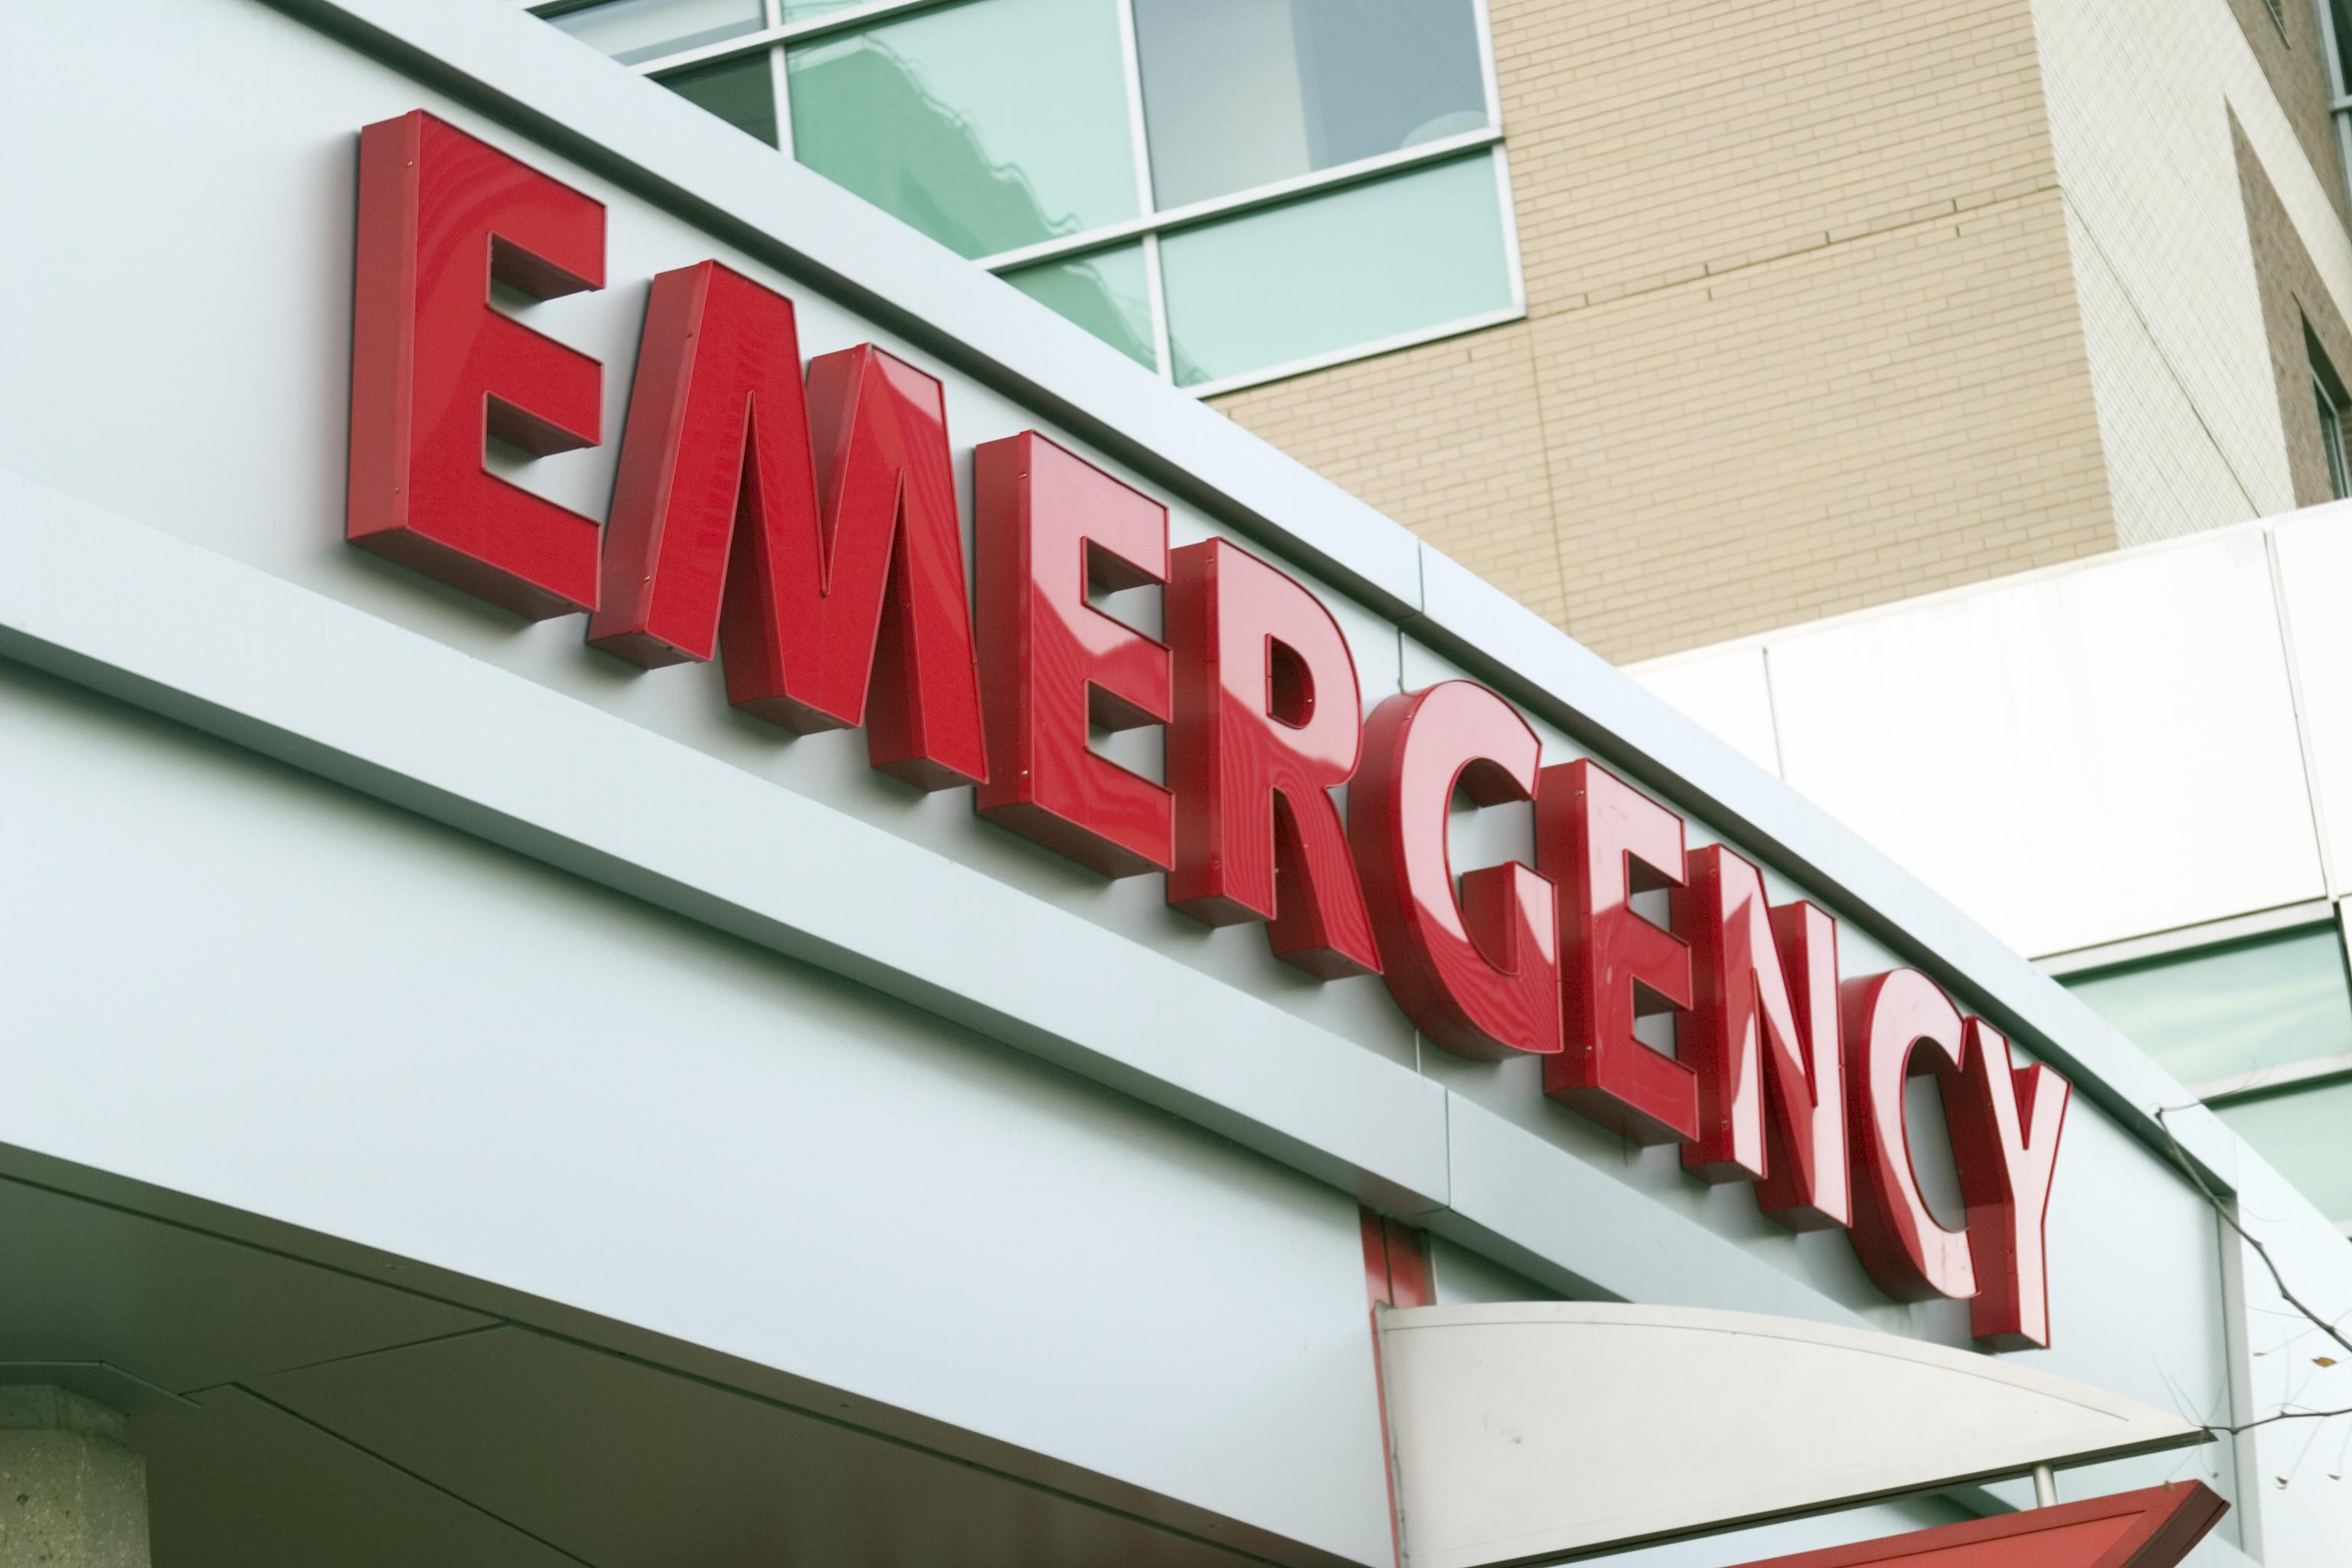 Midtown Emergency Room